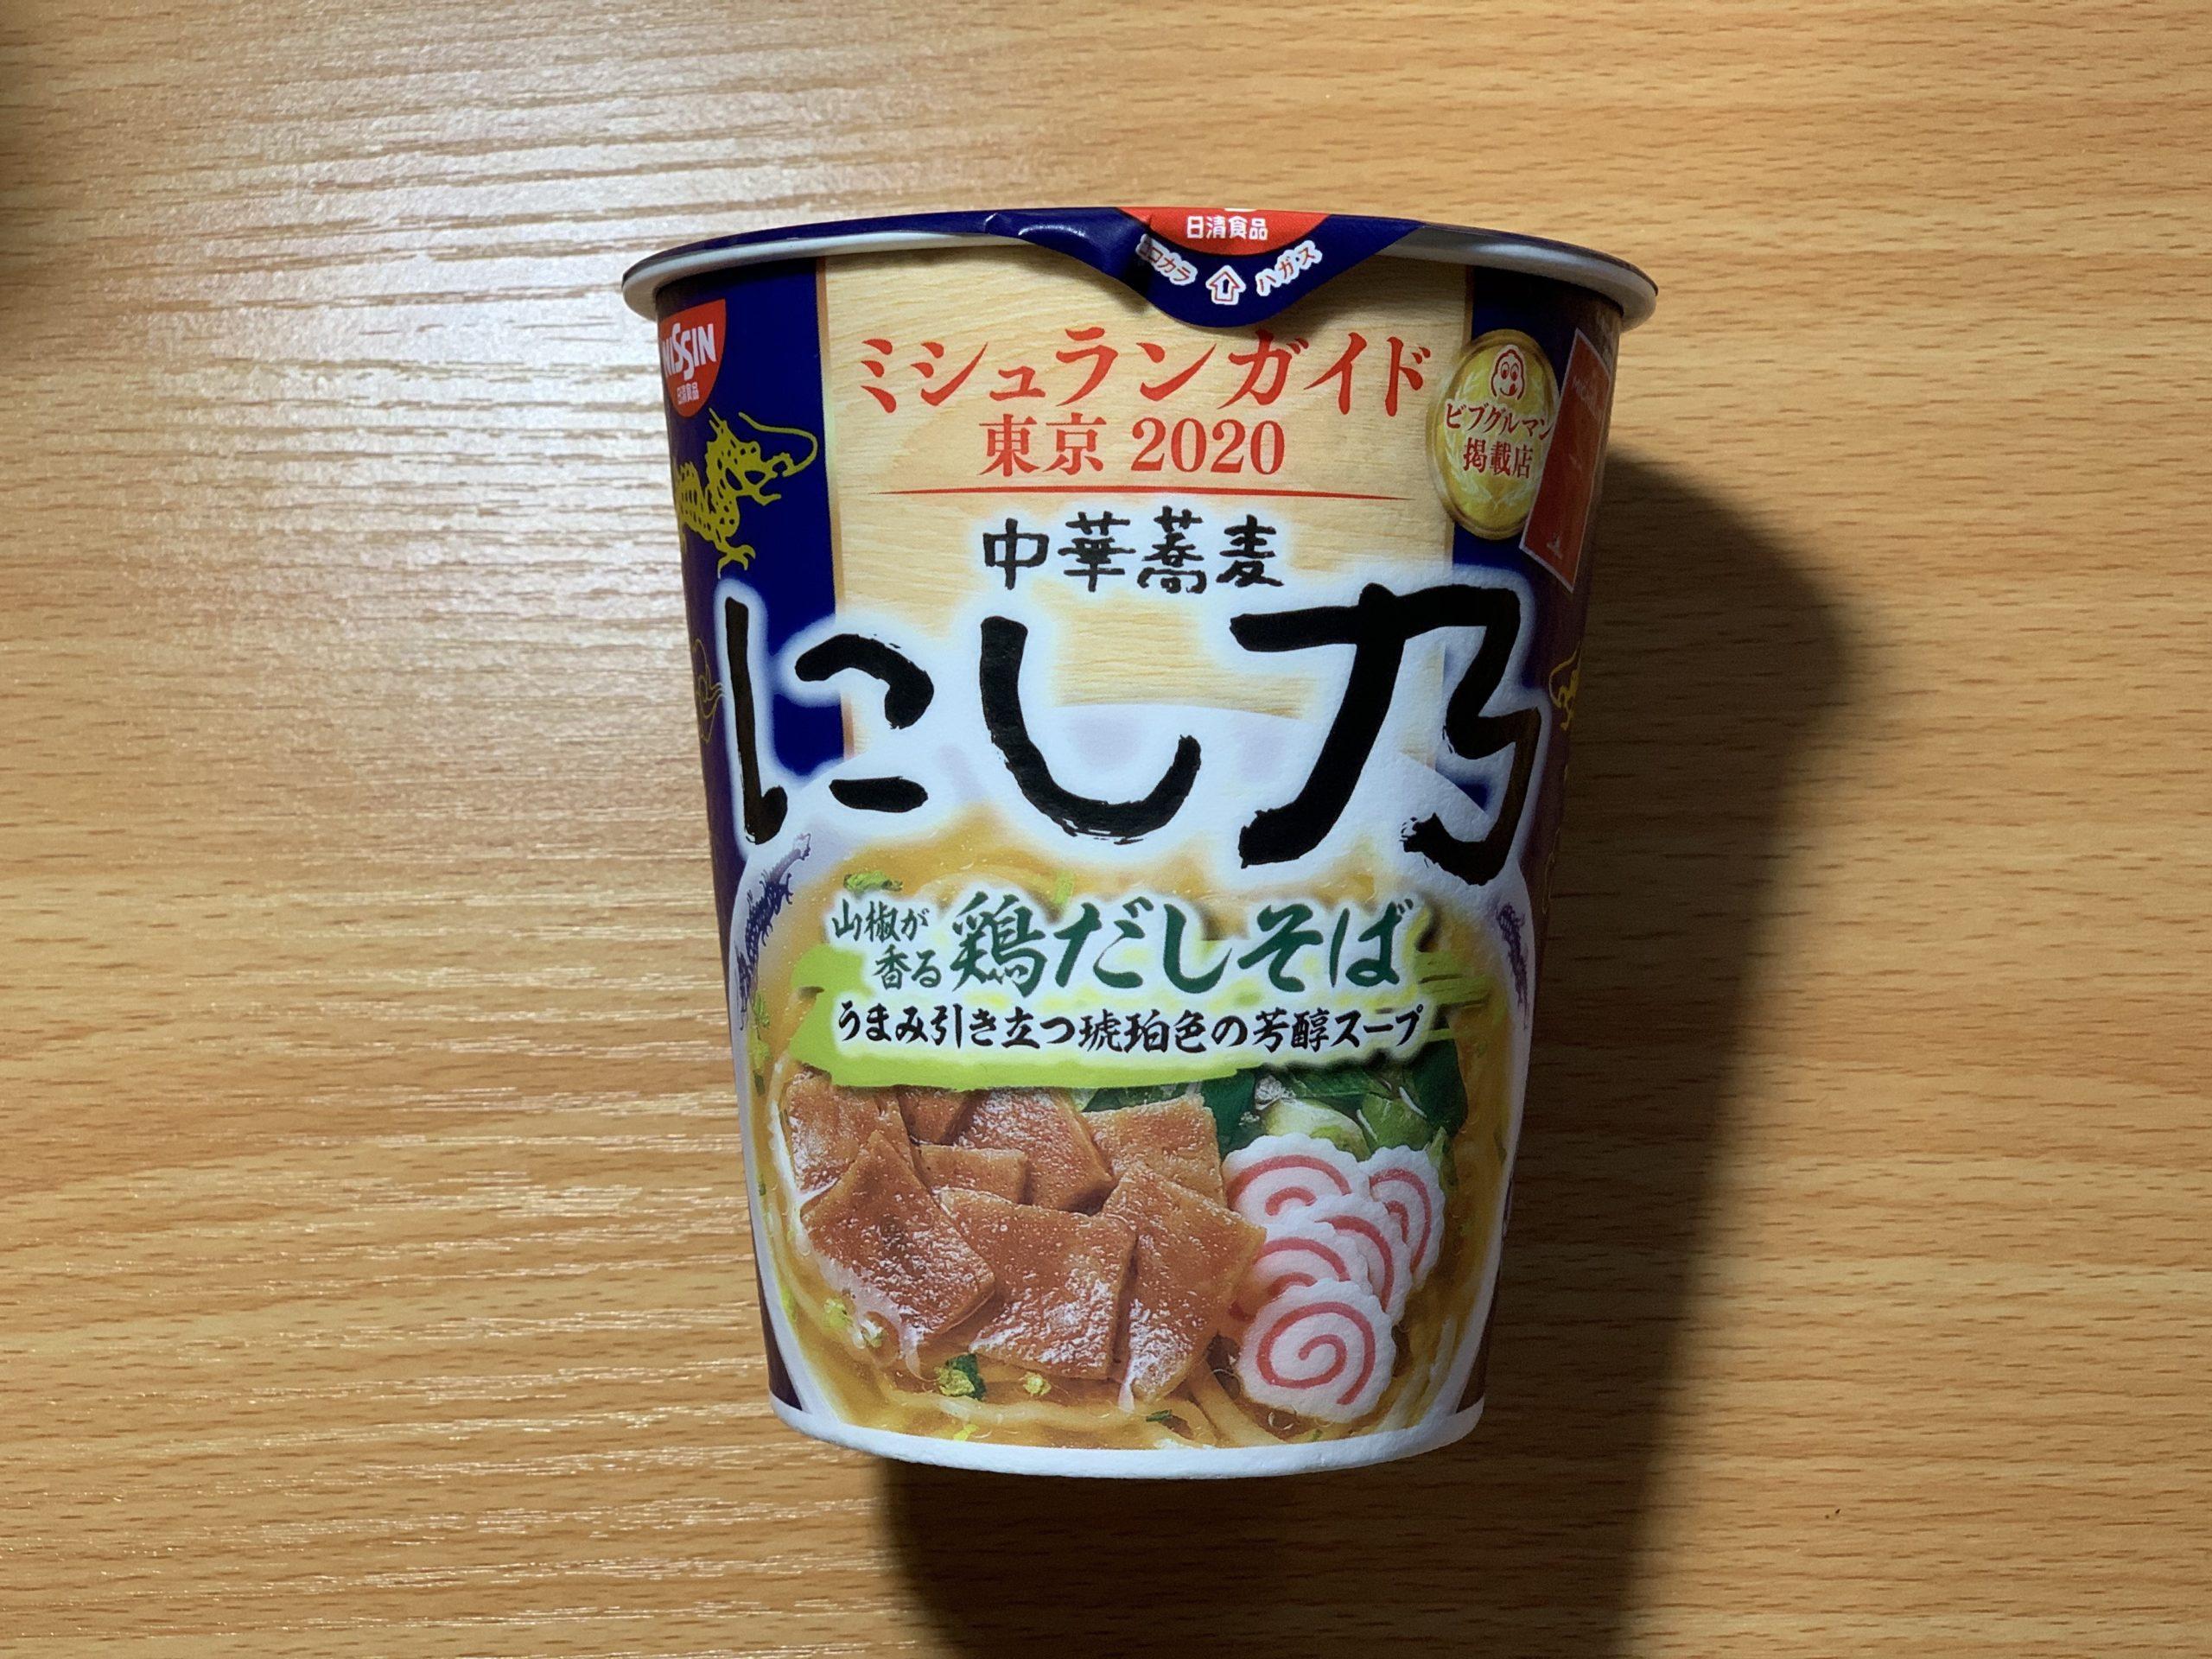 にし乃カップ麺のパッケージ